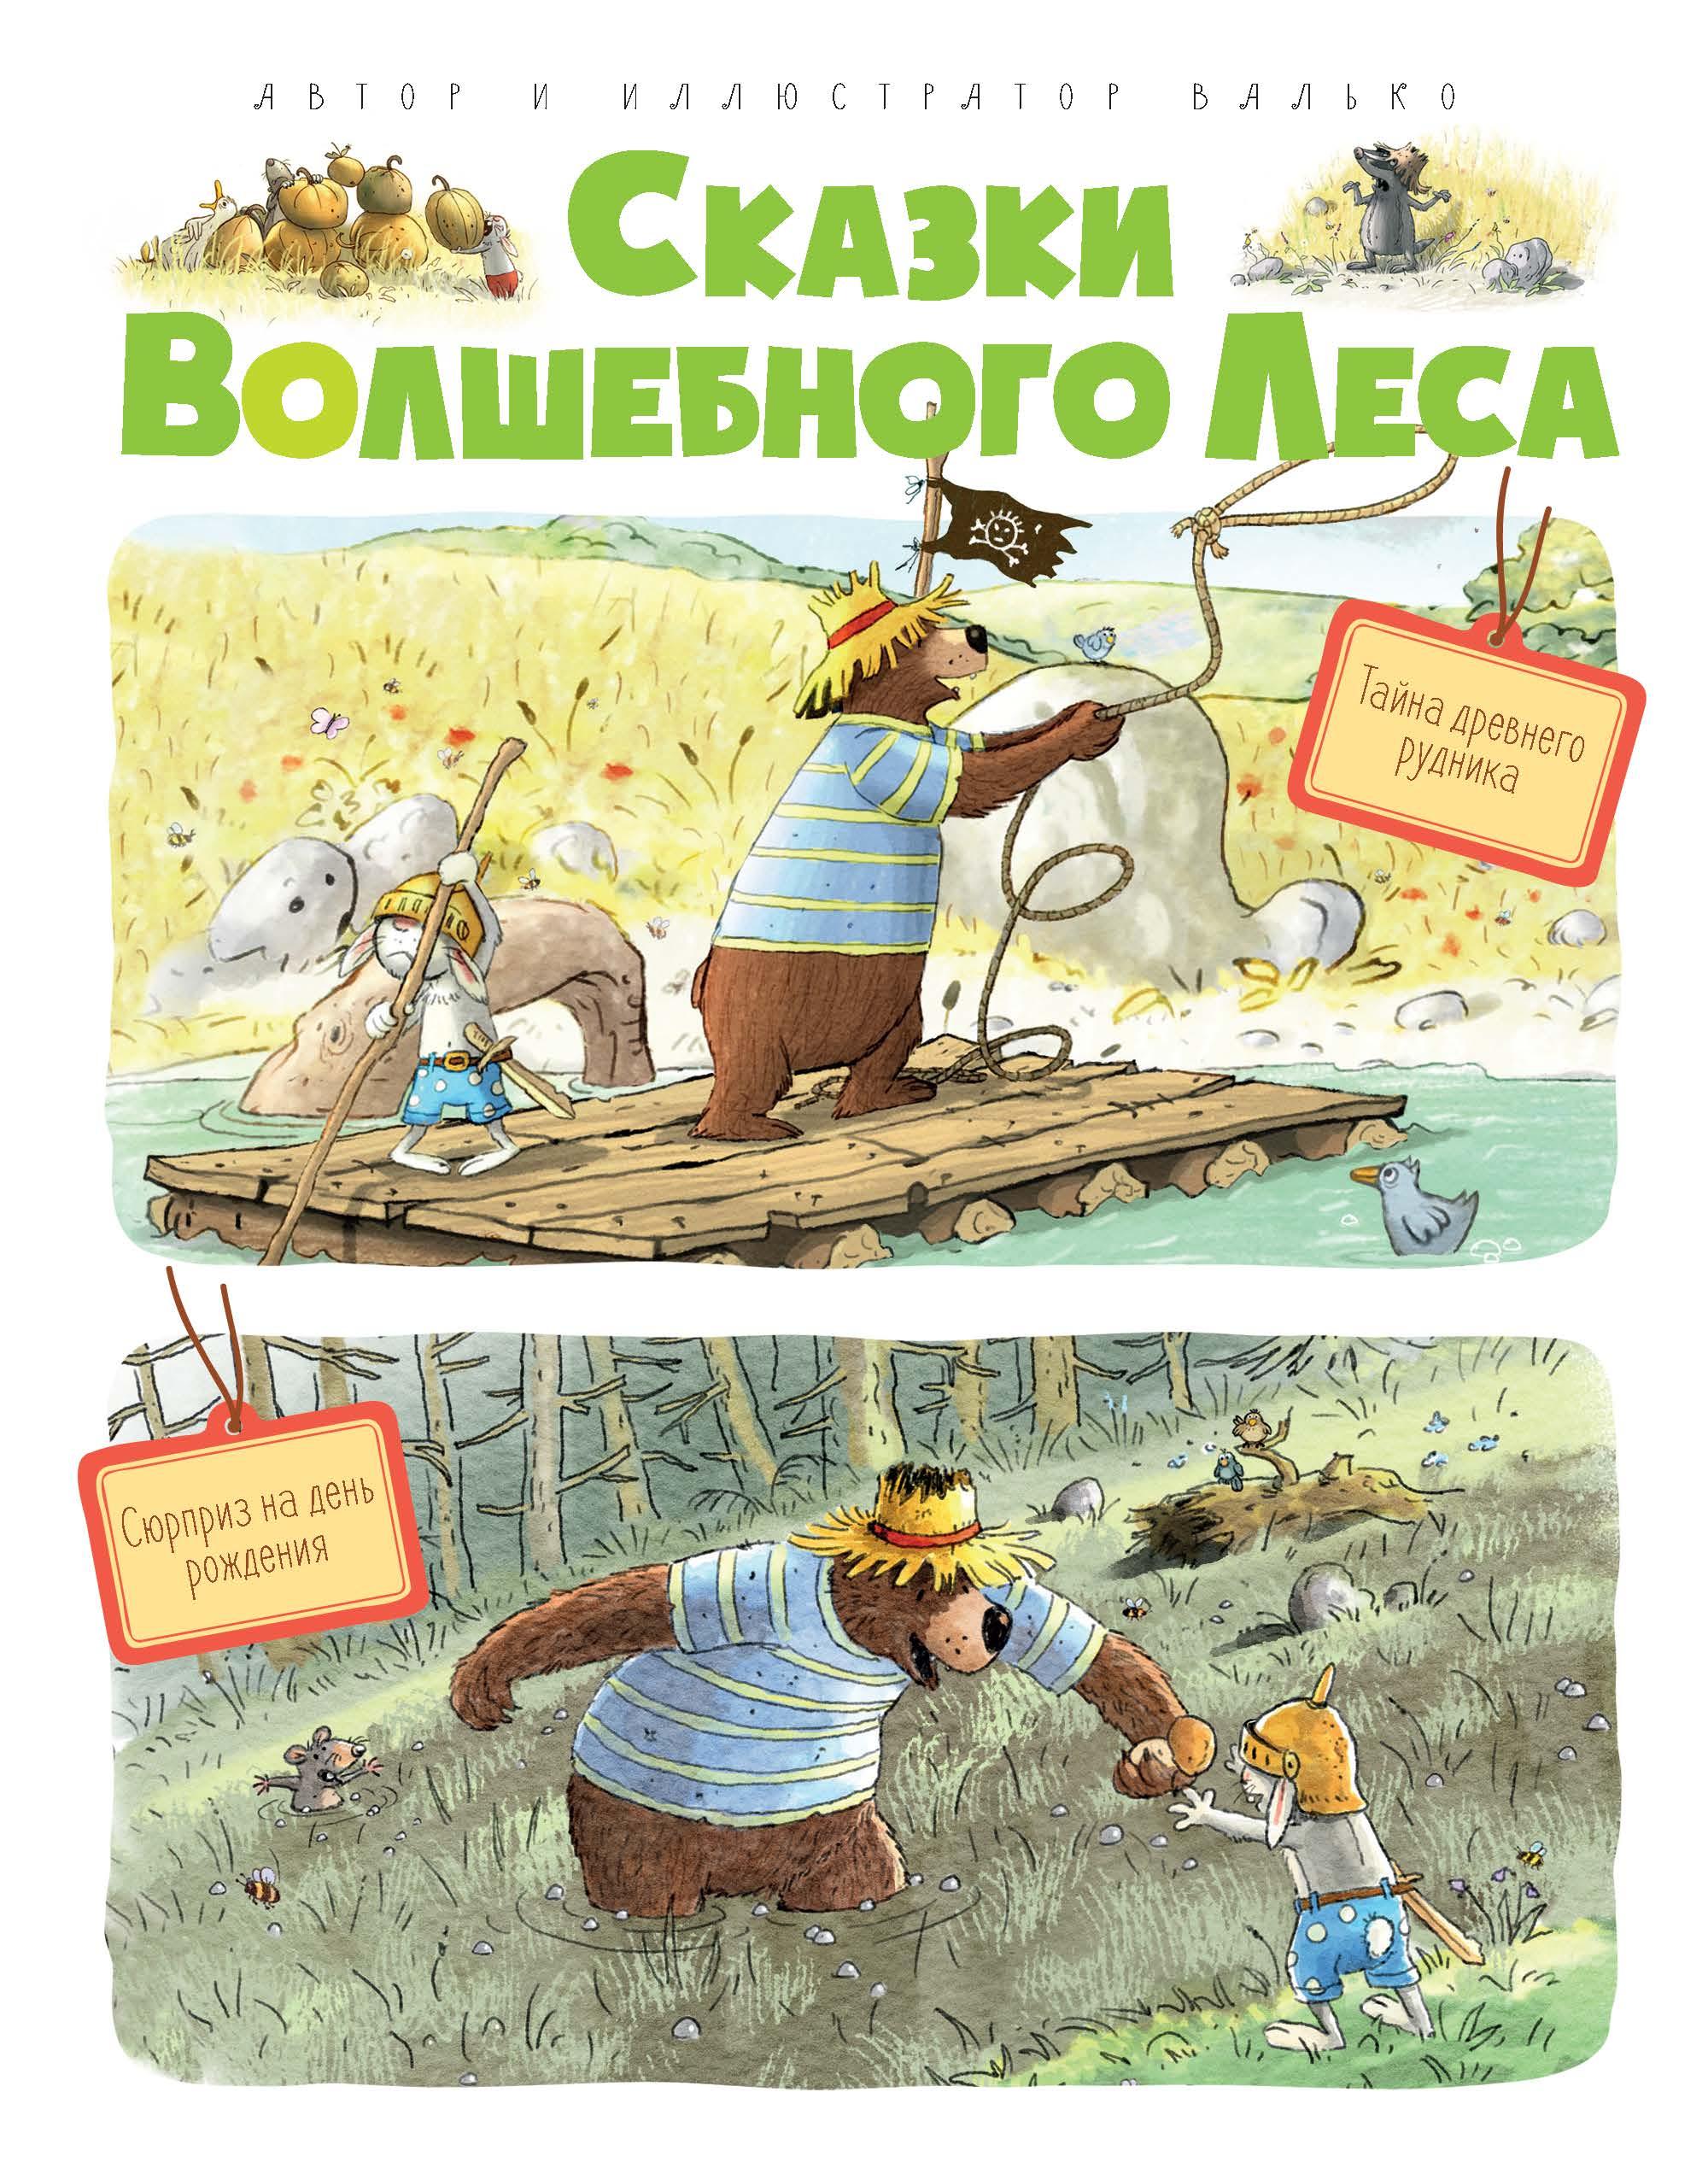 Валько Сказки Волшебного леса: Тайна древнего рудника, Сюрприз на день рождения стоимость